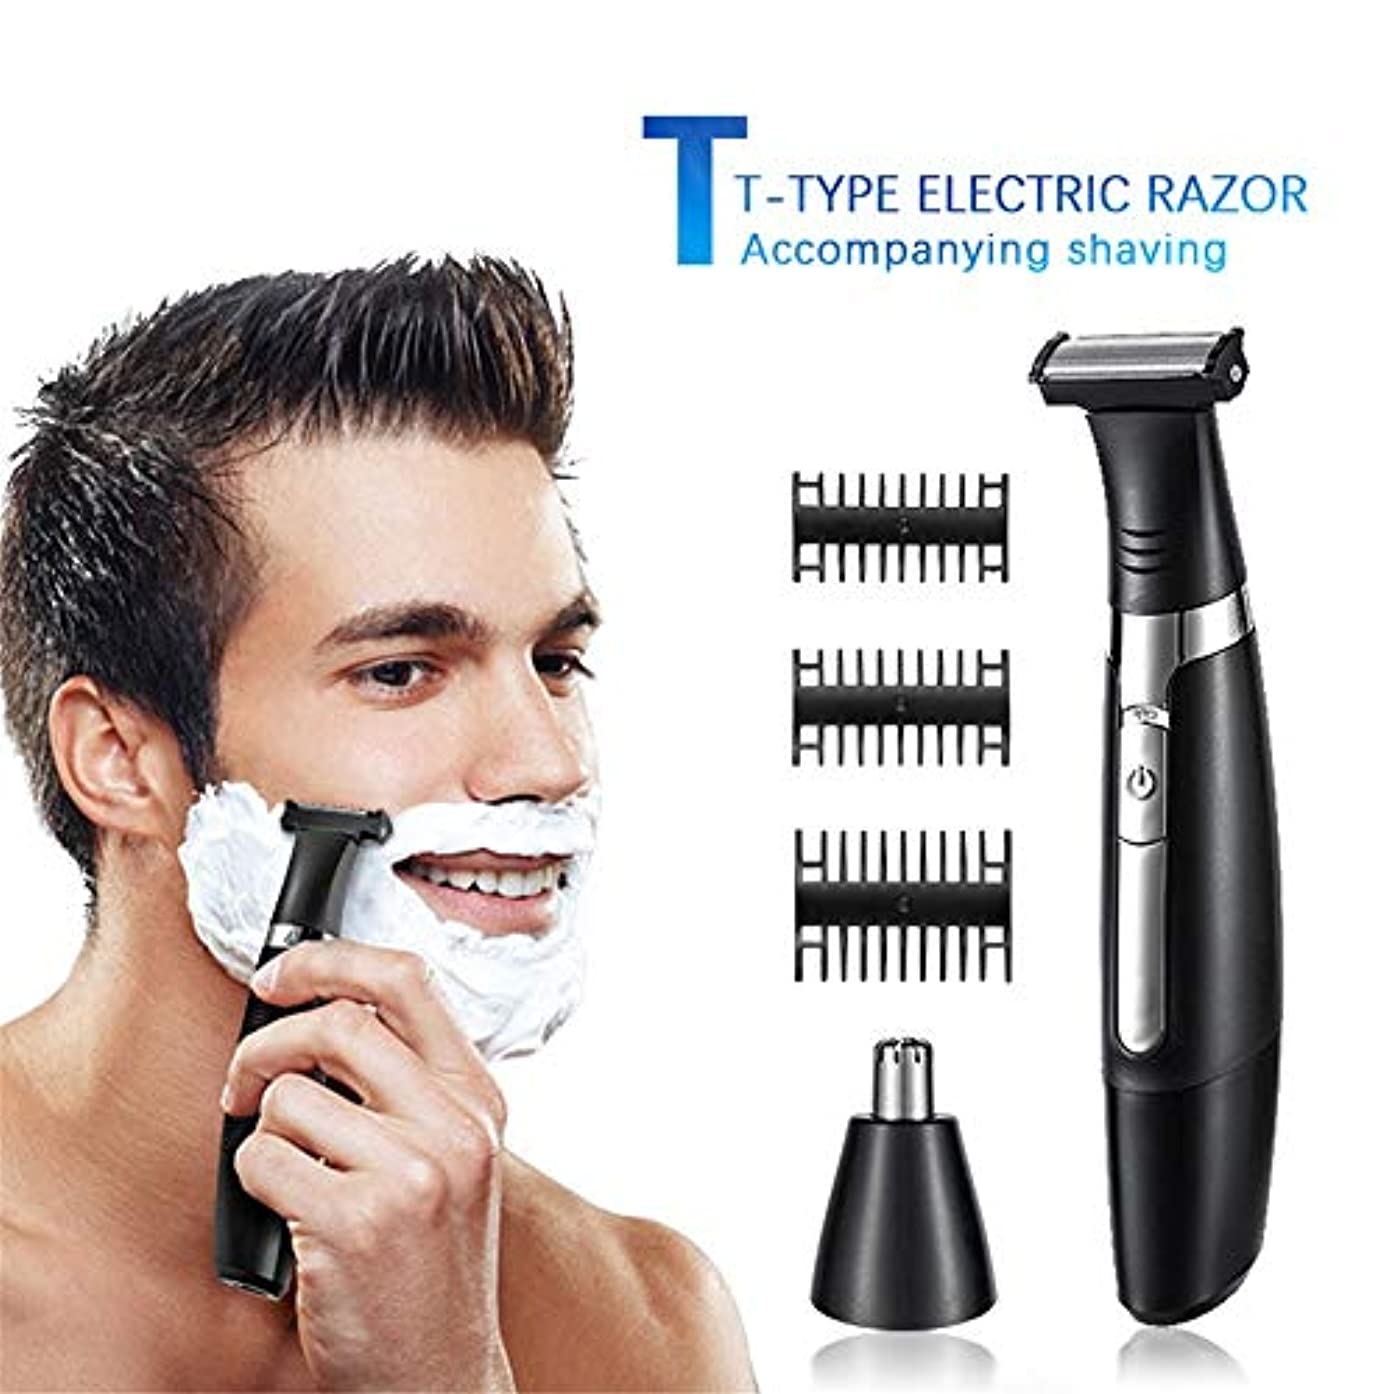 労働パトロール連続的1バリカンシェーバーでヒゲトリマー男性、鼻毛トリマー、2、USB充電式グルーミングキット、全身洗える、急速充電